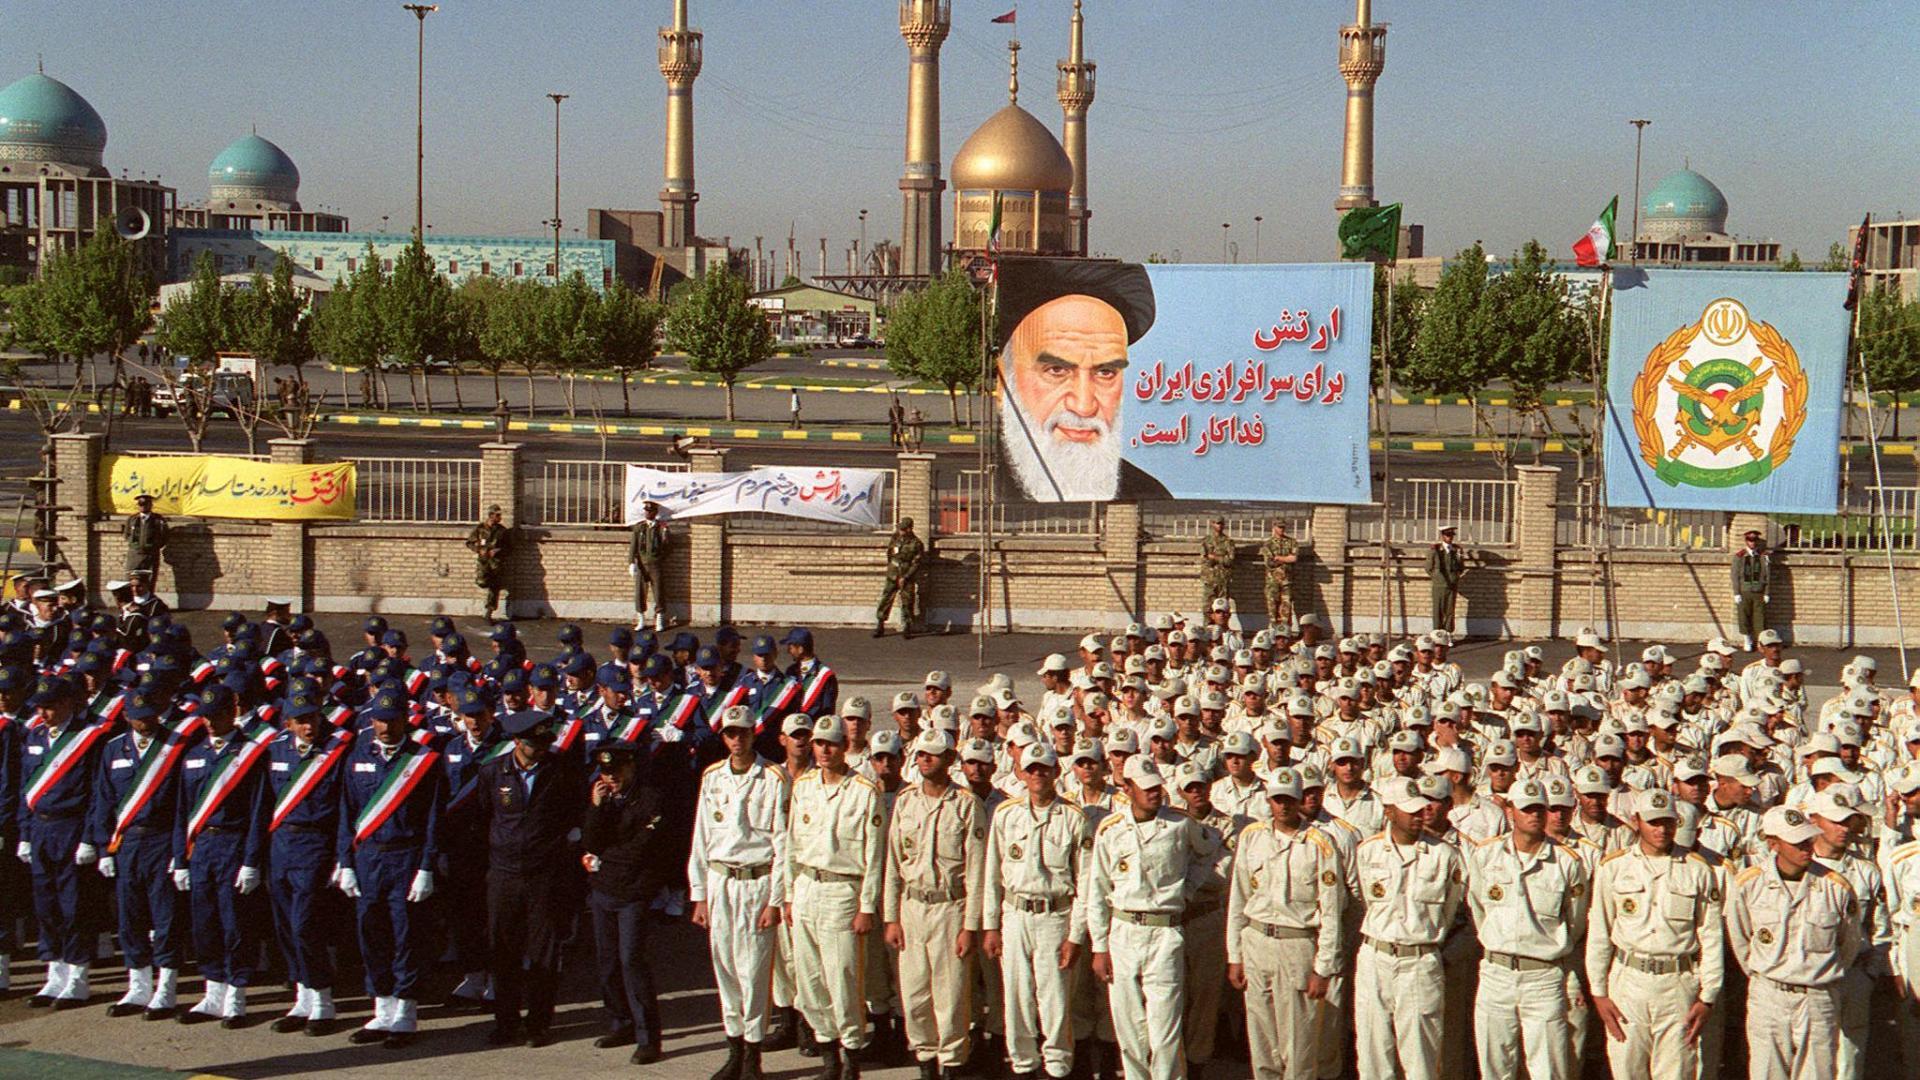 إيران: قتيل و5 إصابات بهجوم استهدف مقر قوات البسيج في نيكشهر